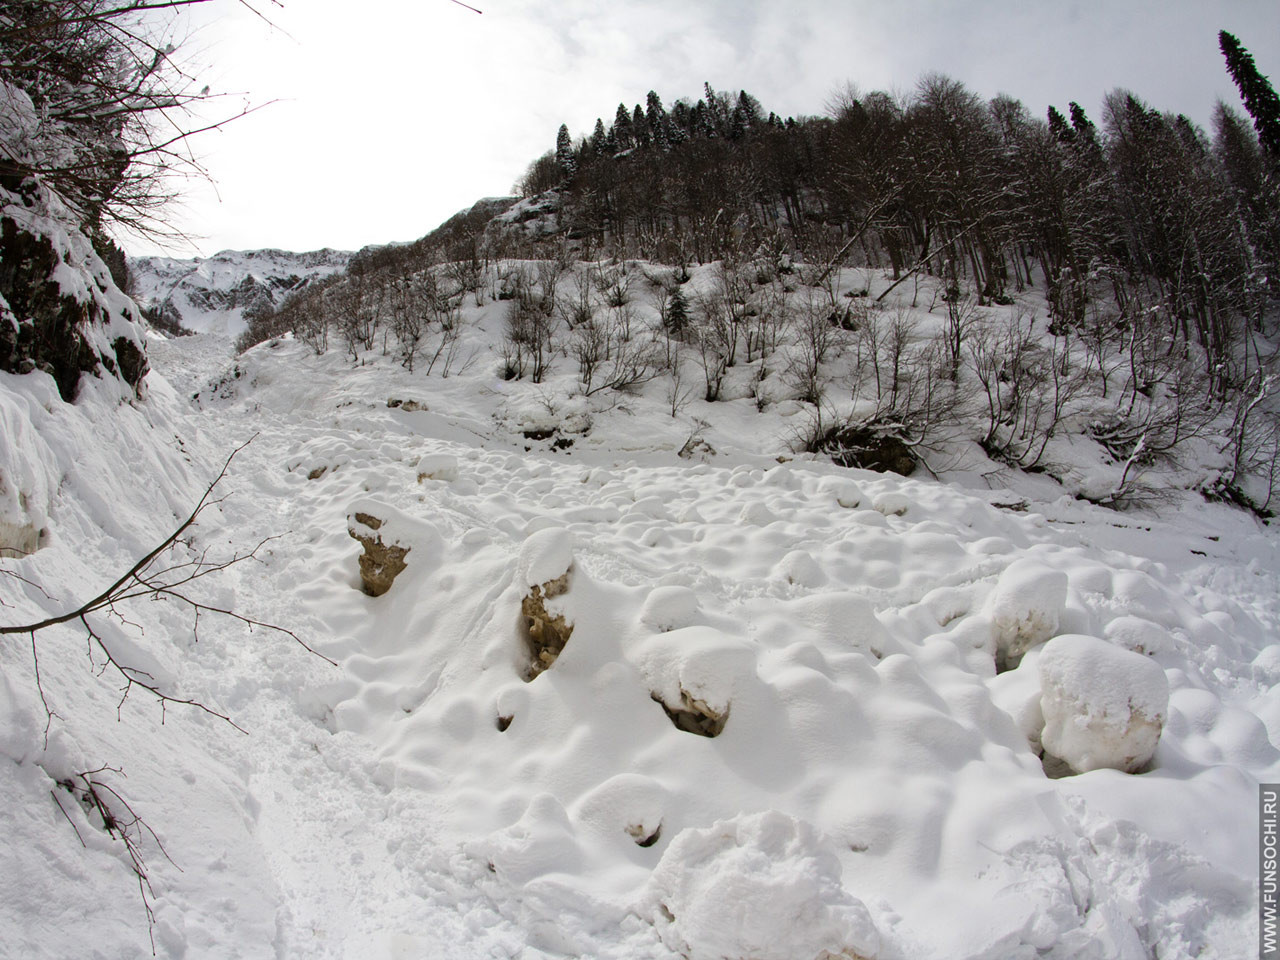 Лавинный вынос в русле ручья первого цирка. Ледяные глыбы размером почти с человека.